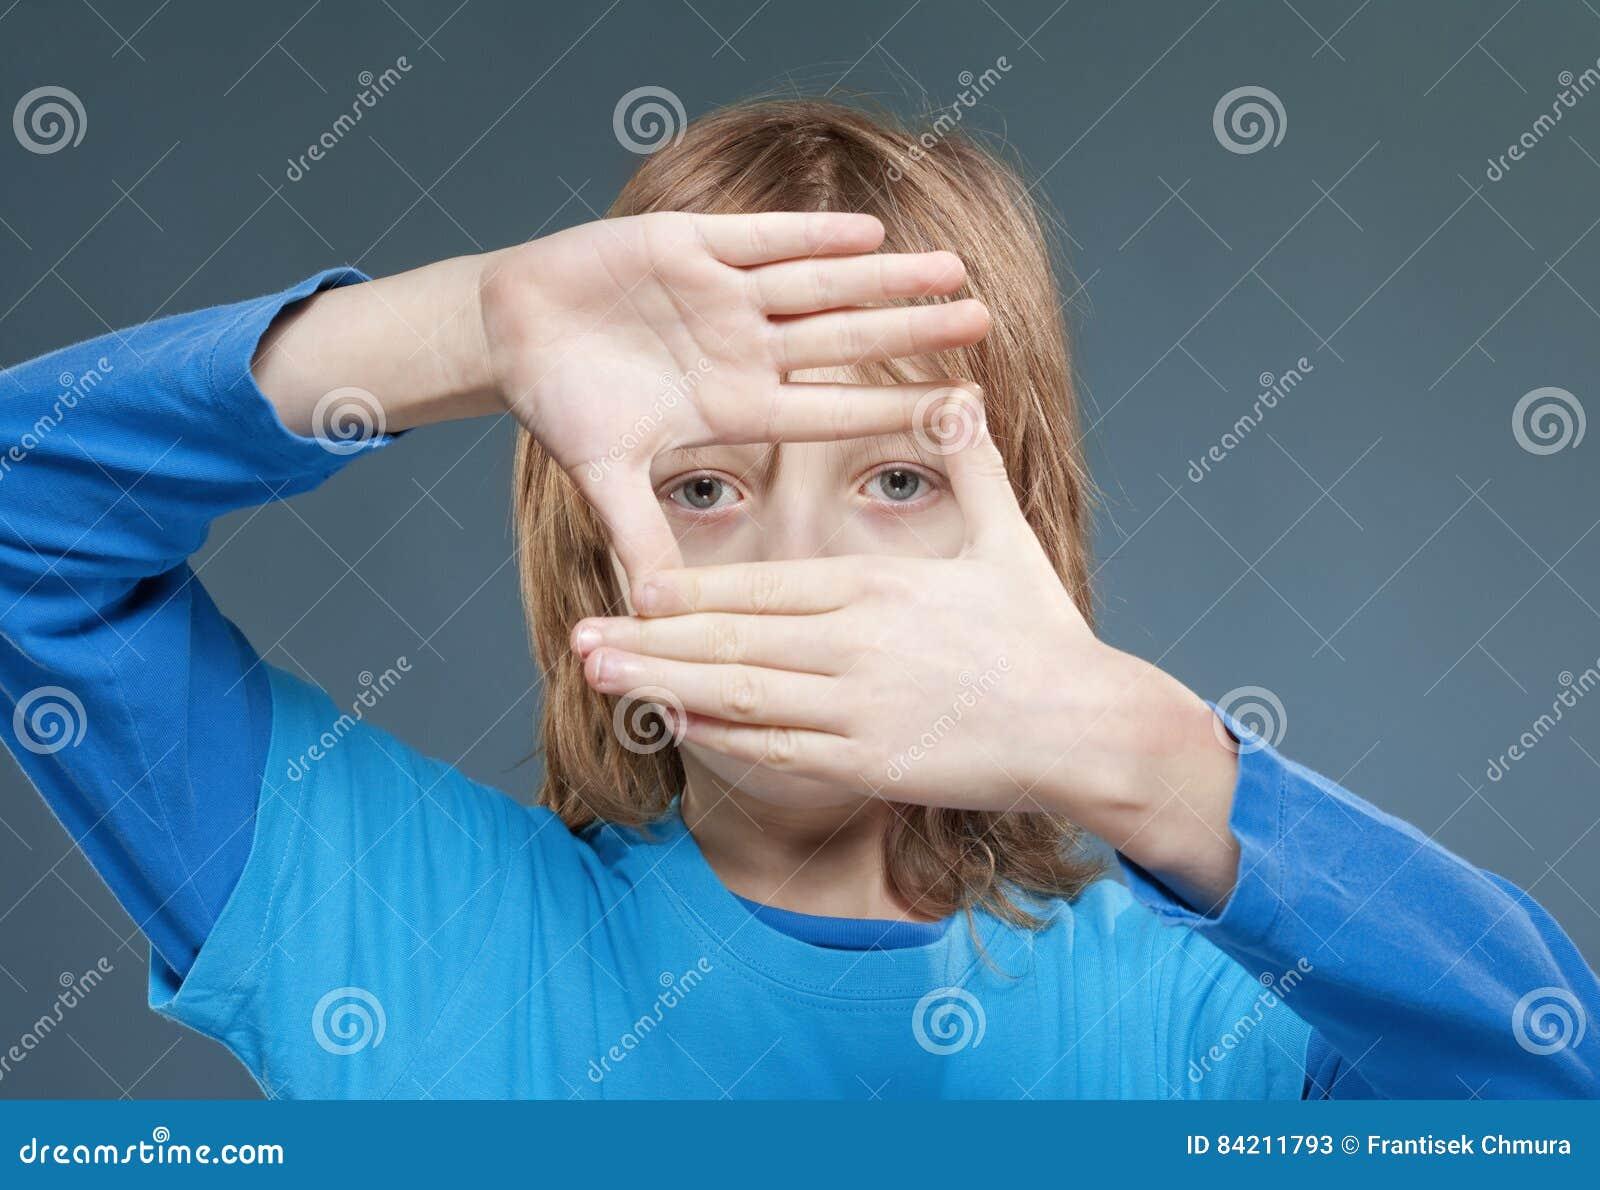 Junge, Der Durch Einen Finger-Rahmen Schaut Stockbild - Bild von ...